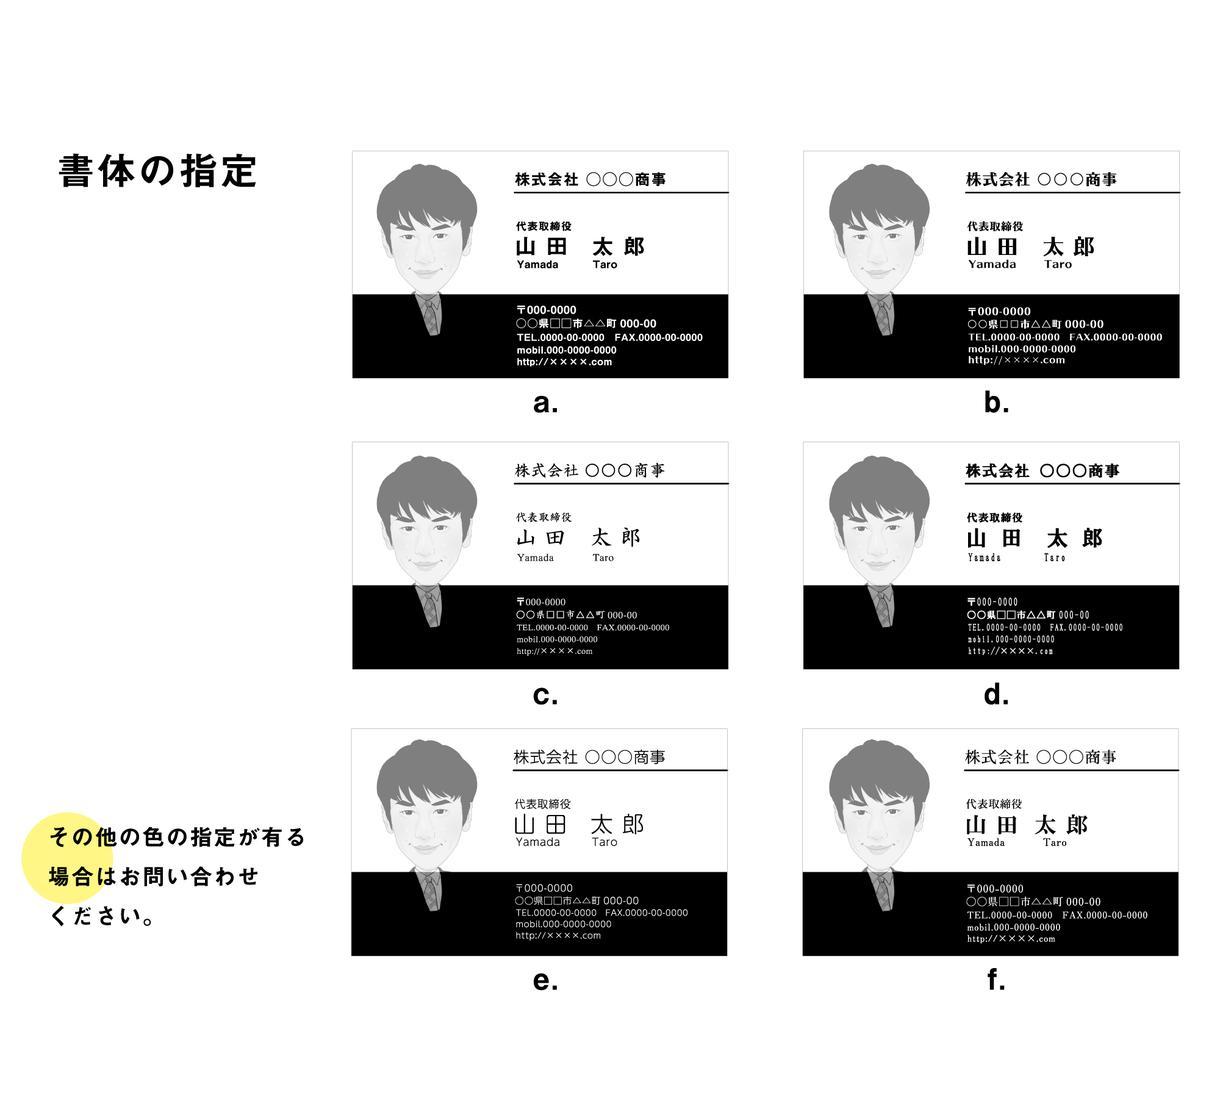 【インパクト大!名刺デザイン】一歩進んだ似顔絵付き名刺を作ろう!※似顔絵の作成は別サービスとなります